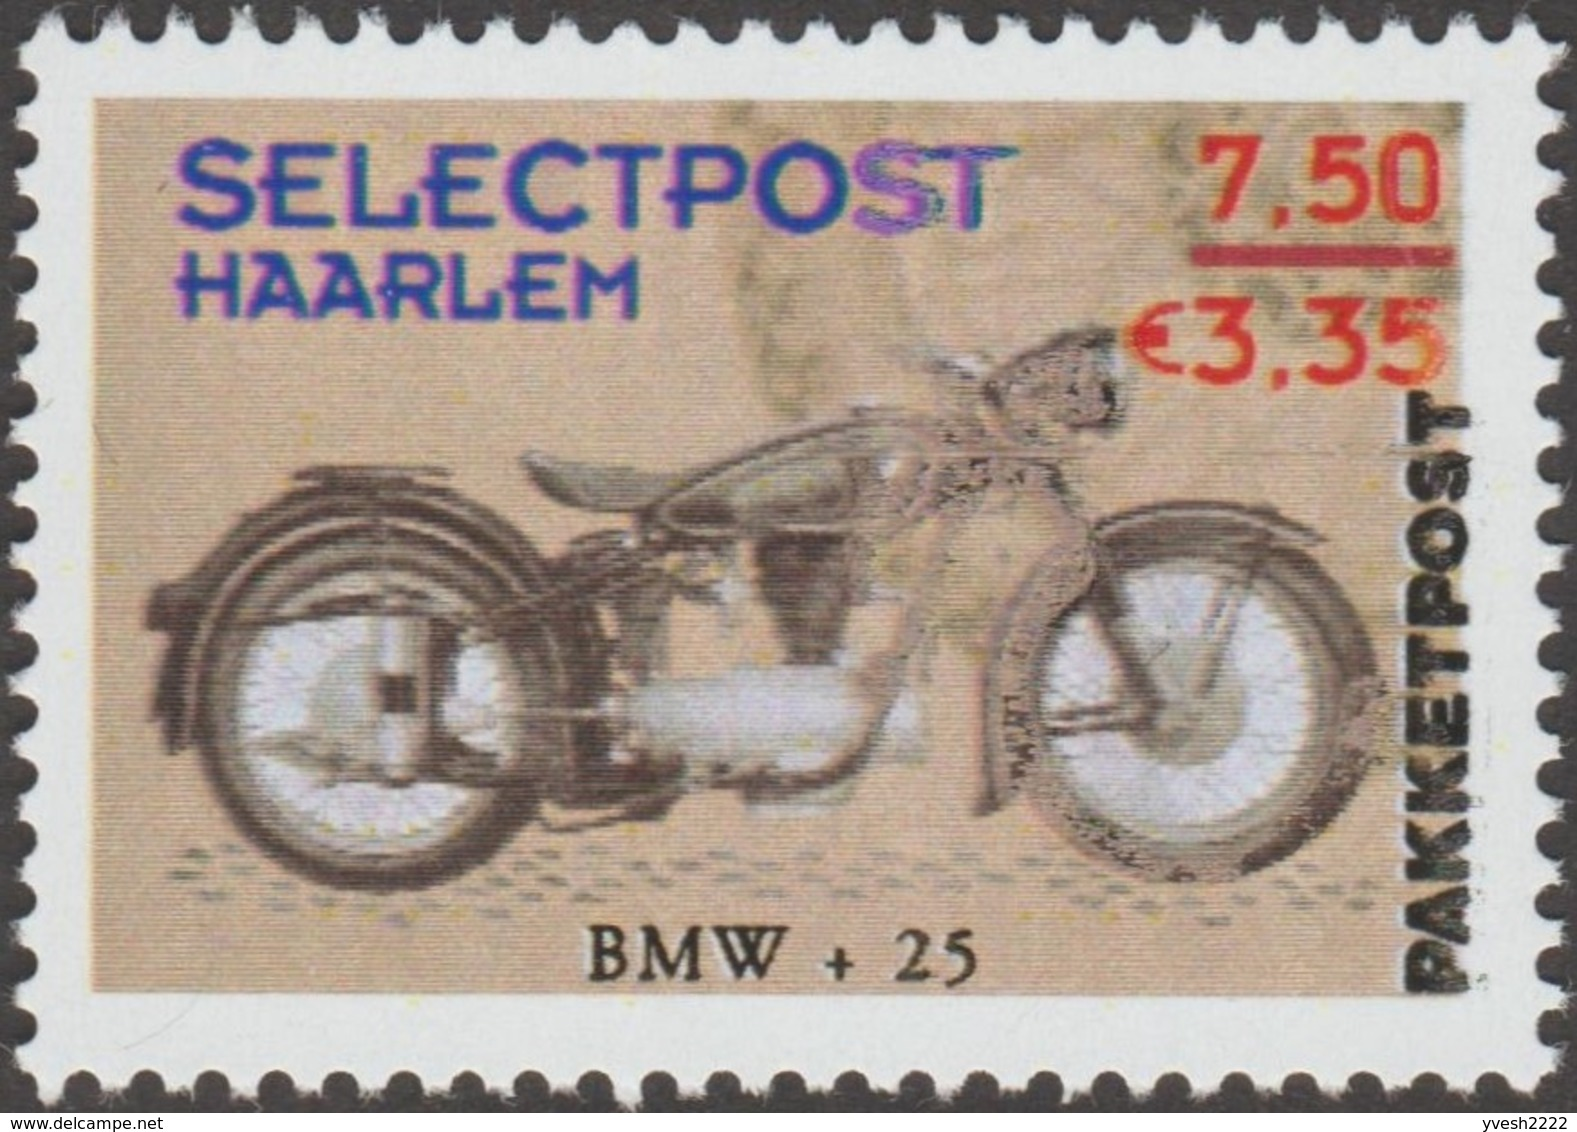 Pays-Bas 2001. Poste Privée Selectpost. Envois De Paquets à Haarlem. Motos Twin Cylinder, BMW Et Norton - Moto